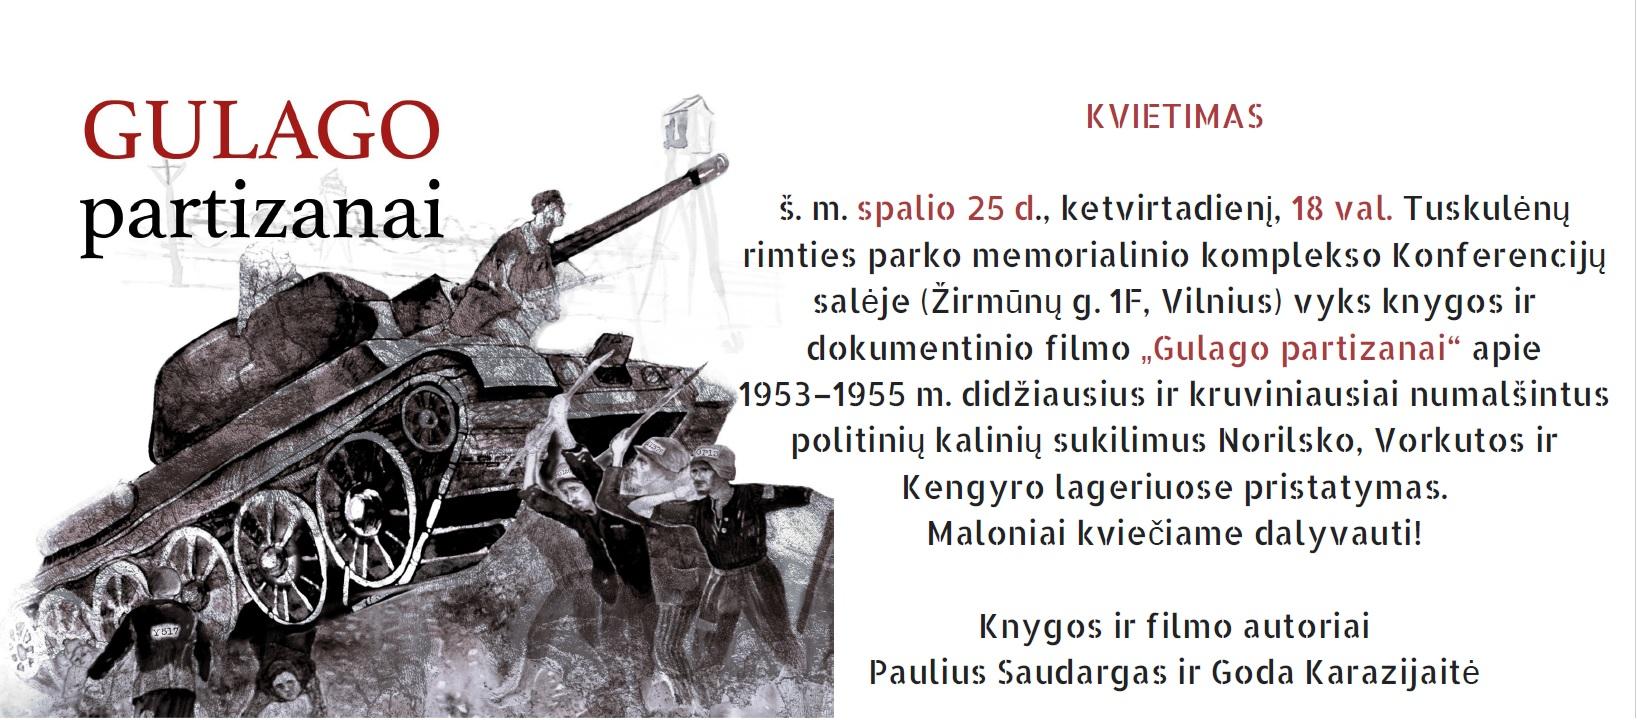 Kvietimas_Gulago_partizanai_Tuskulėnai